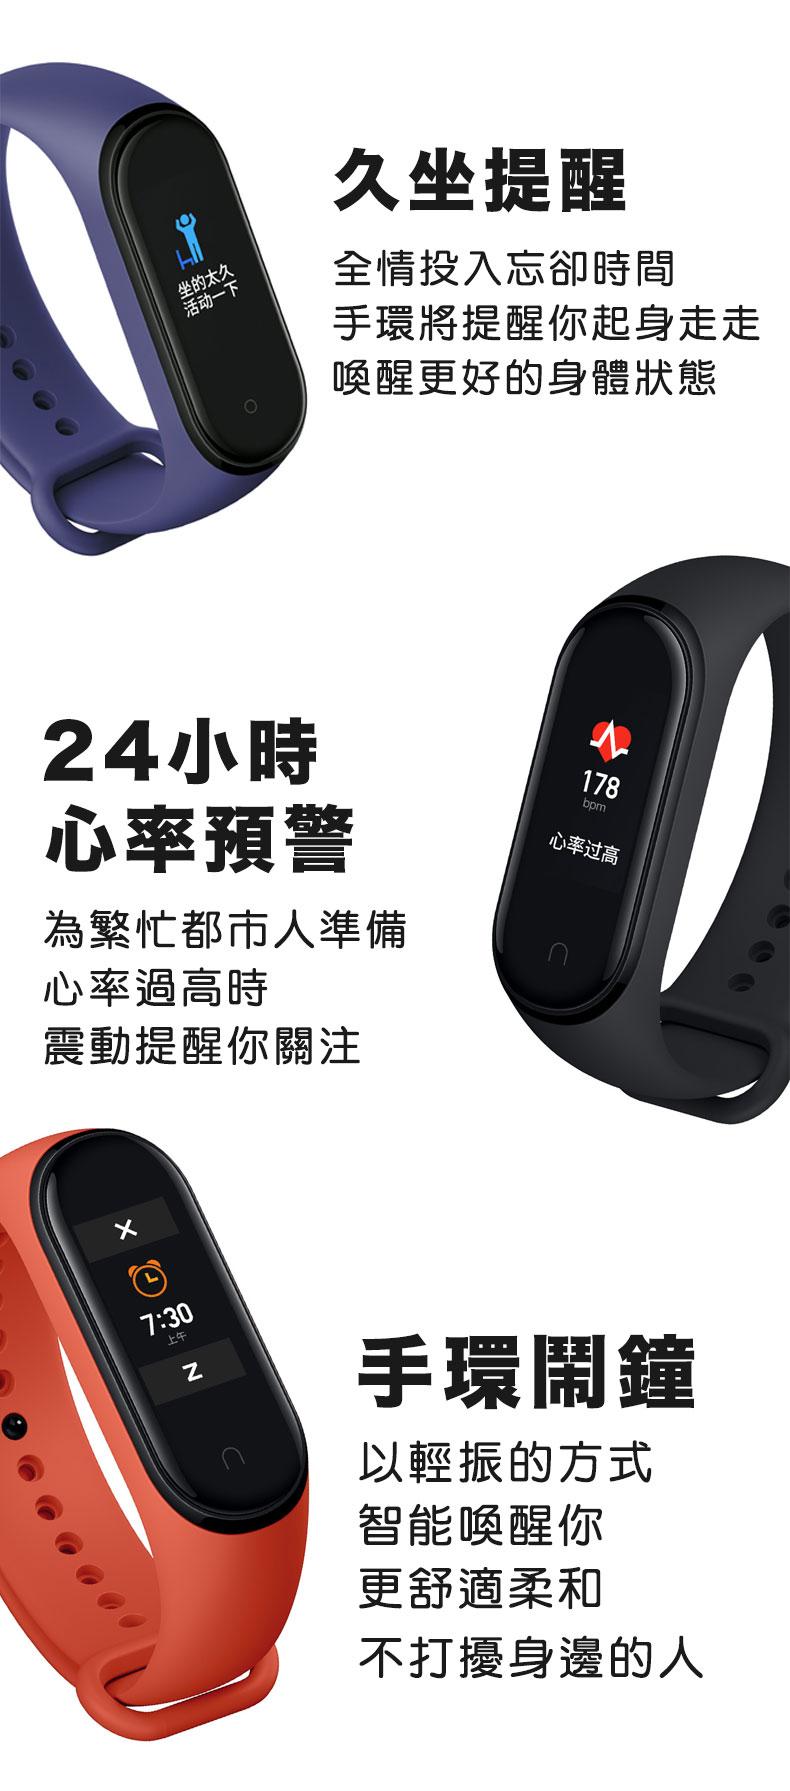 【小米手環4】小米手錶 智慧手錶 智慧手環 運動手環【AB370】 8